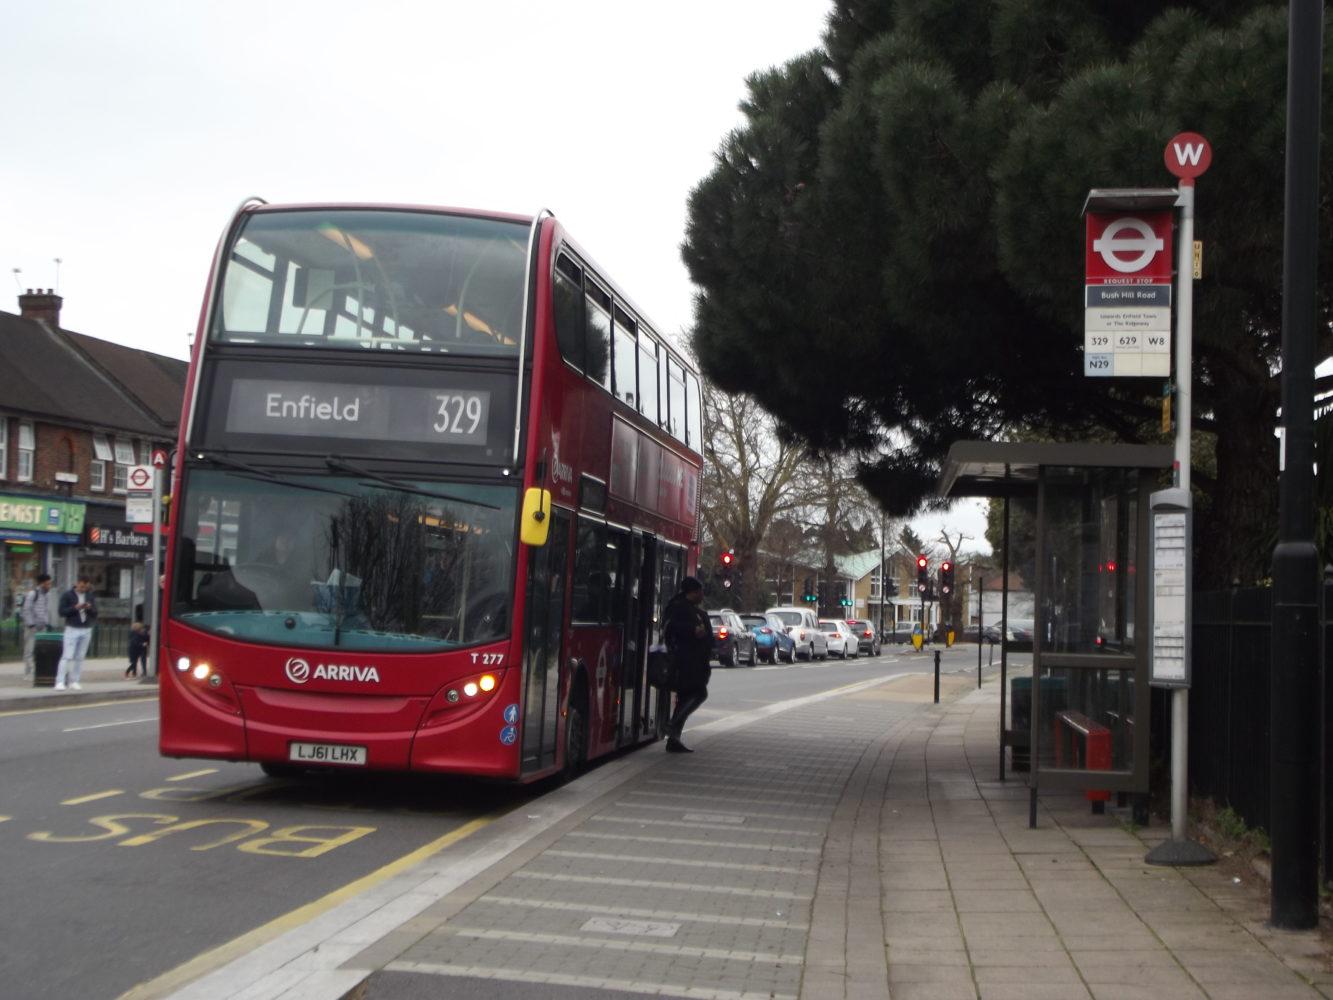 Boarder bus stop in Enfield